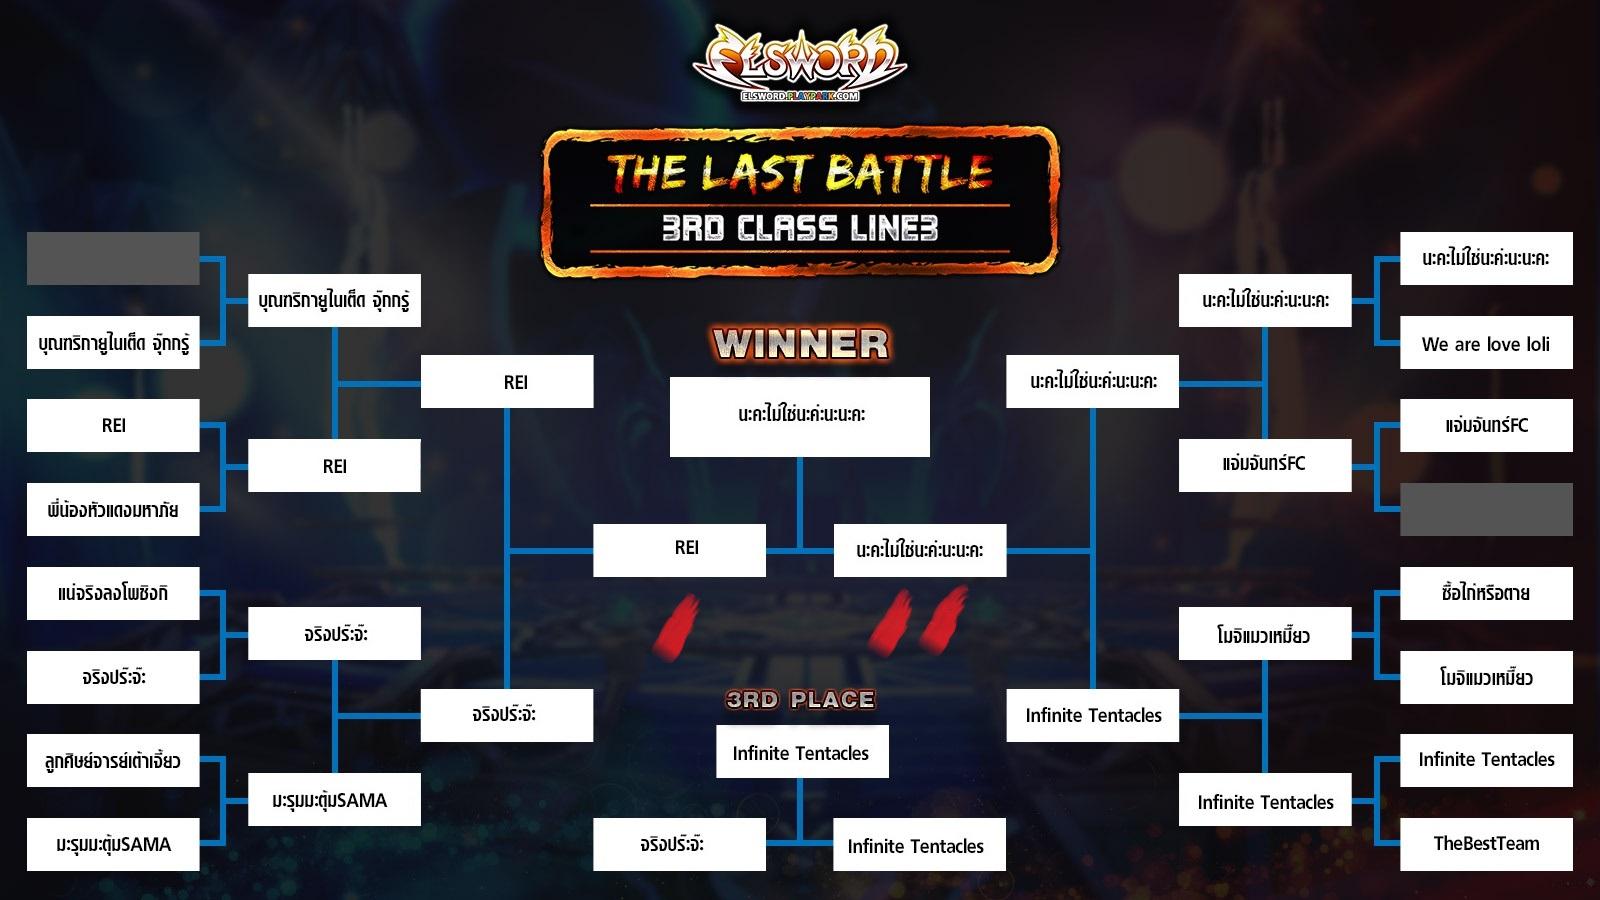 ประกาศทีมชนะเลิศการแข่ง ELSWORD The Last Battle! 3rd Class Line3